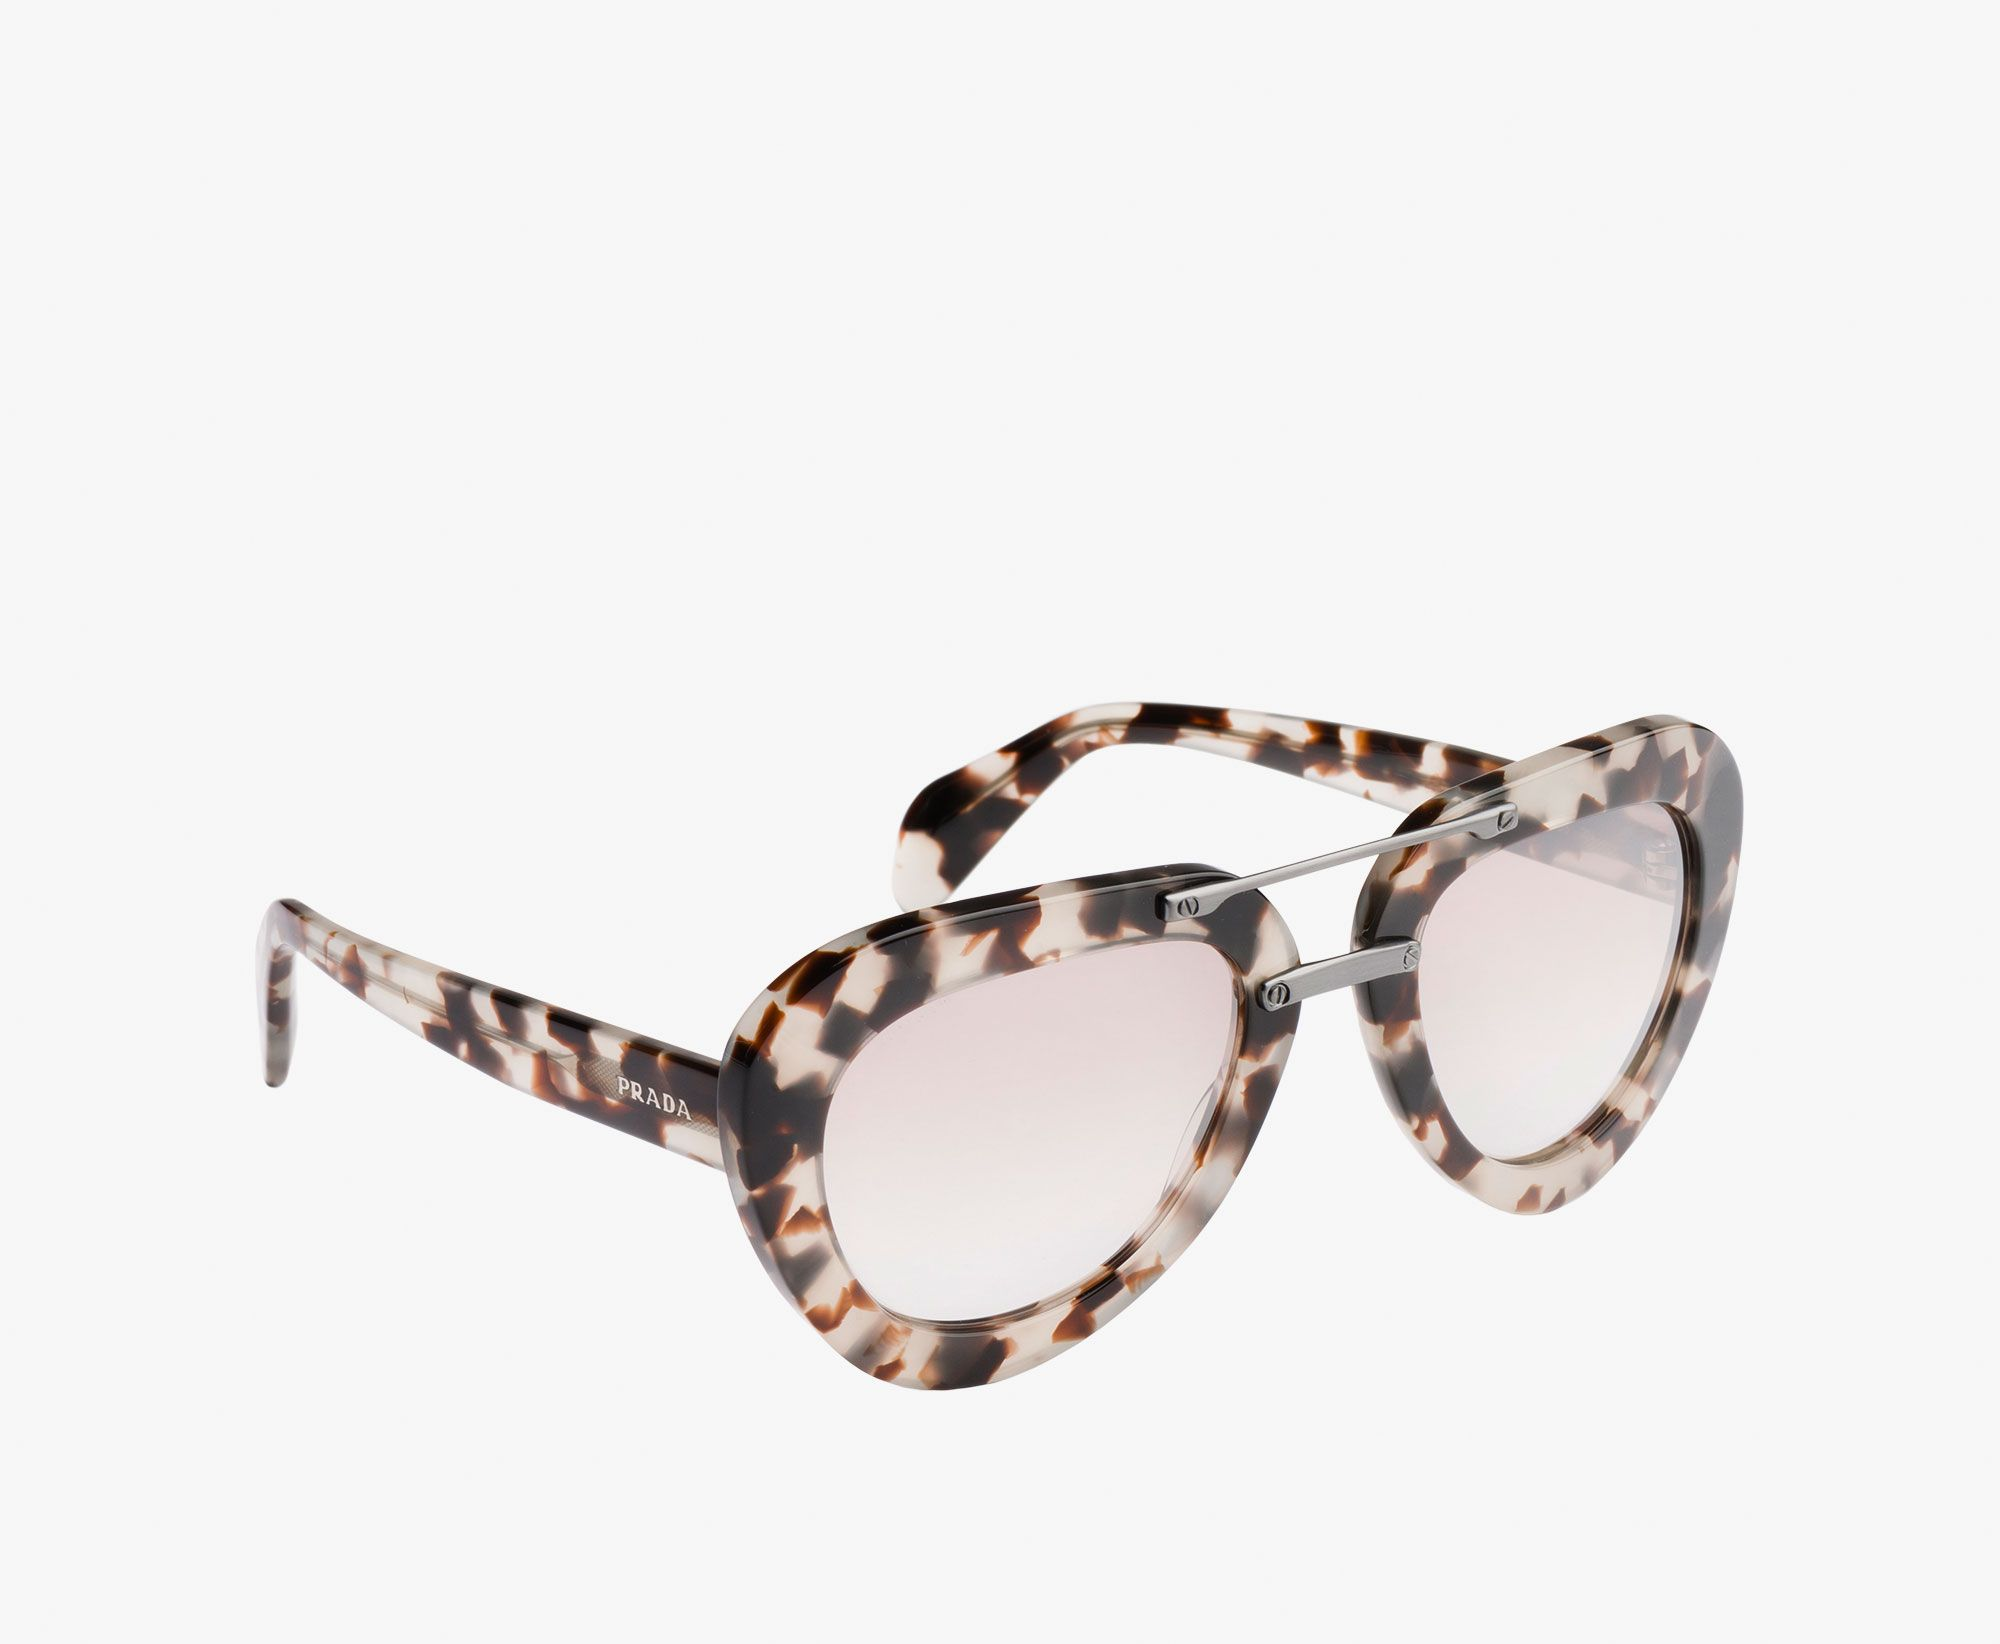 SPR28R_EUAO_F04O0 brillen - Sunglasses - Woman - eStore | Prada.com ...